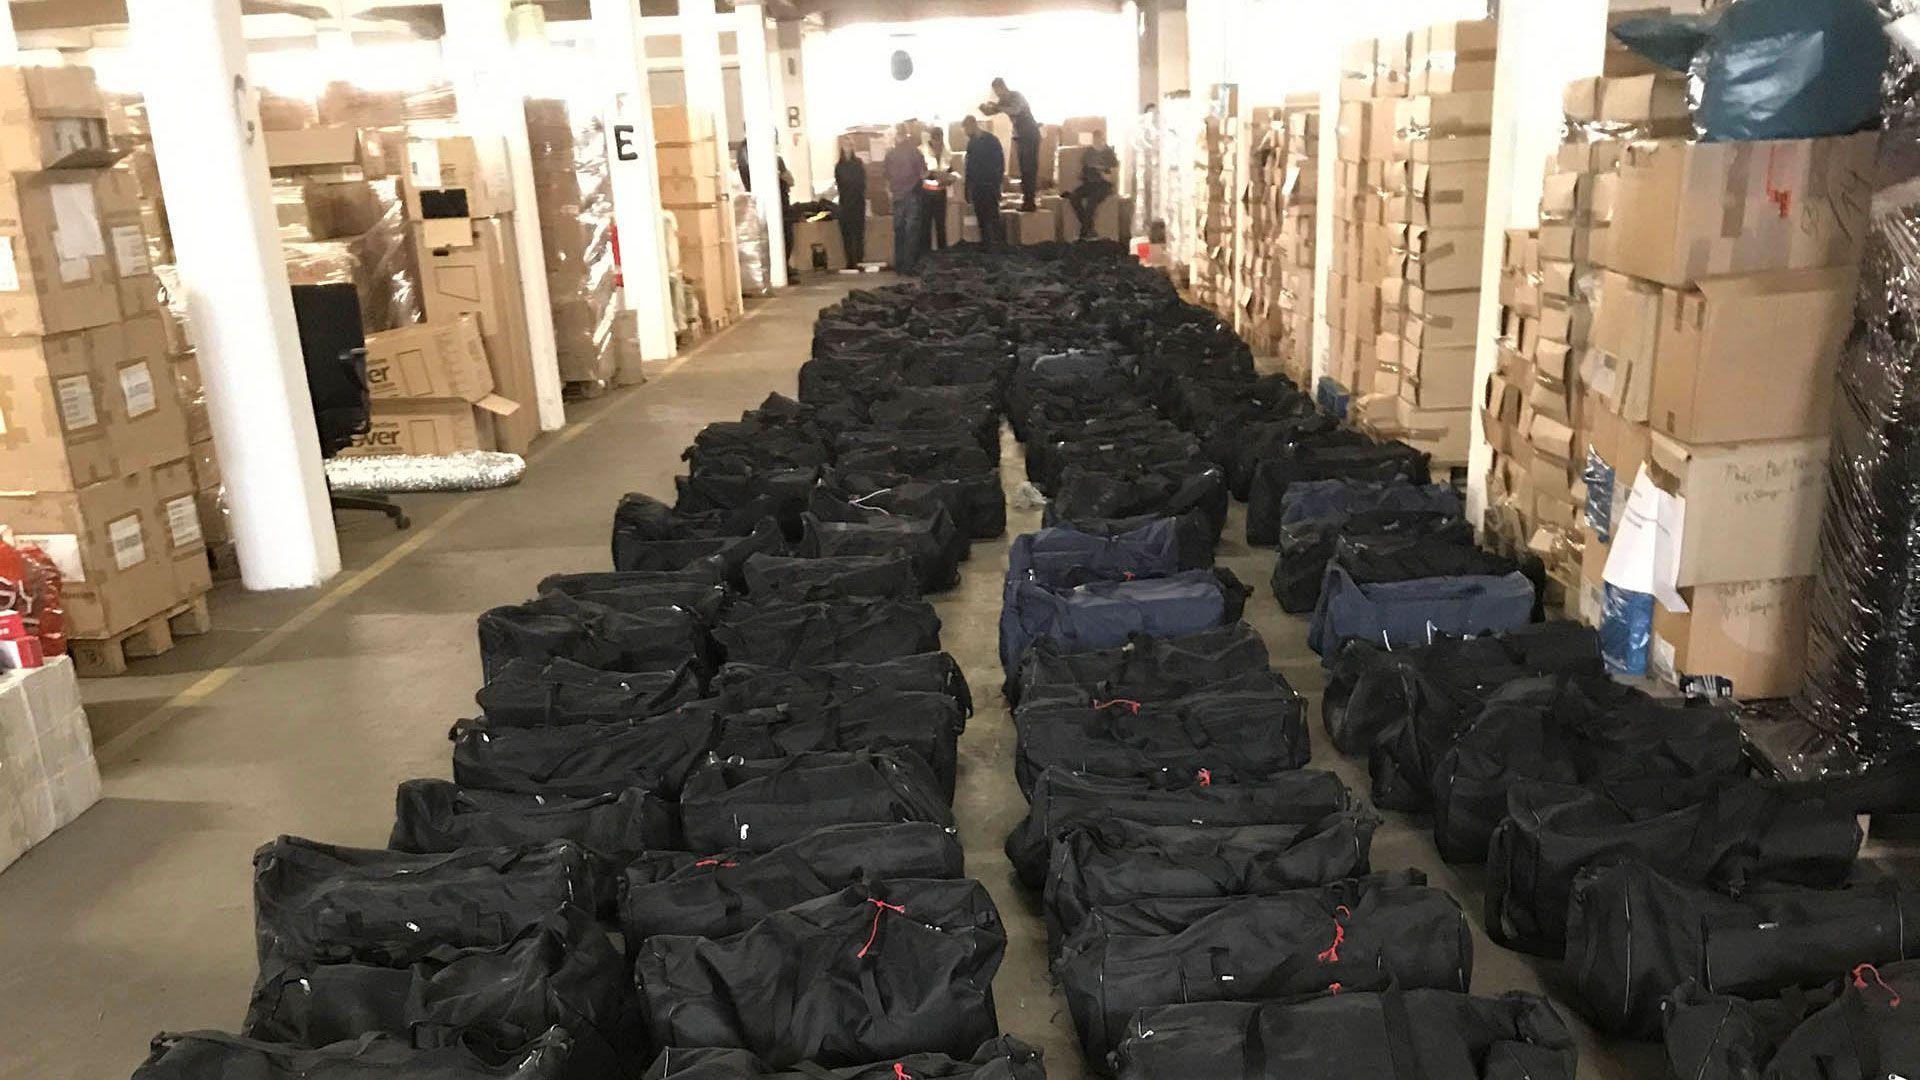 Algunos de los 221 bolsos deportivos cargados con cocaína provenientes de Uruguay, en Alemania